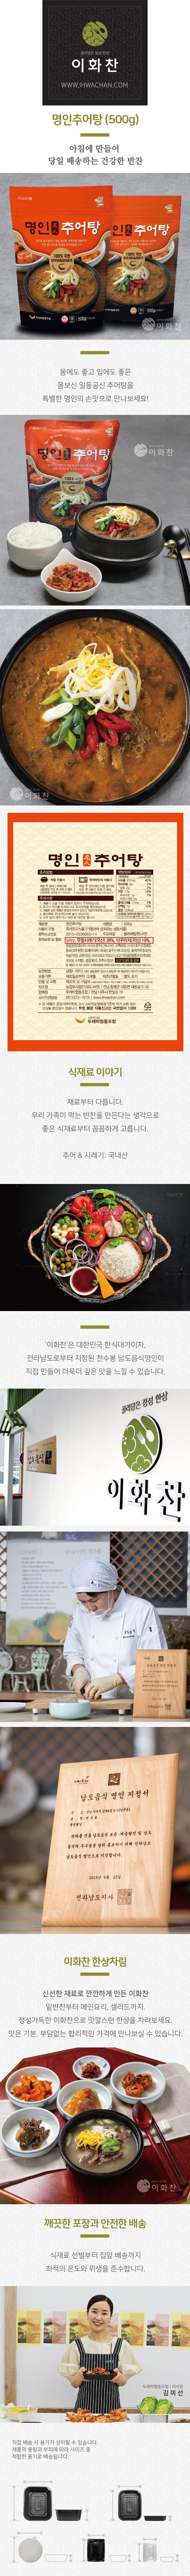 명인 추어탕 500g 상품소개 이미지1